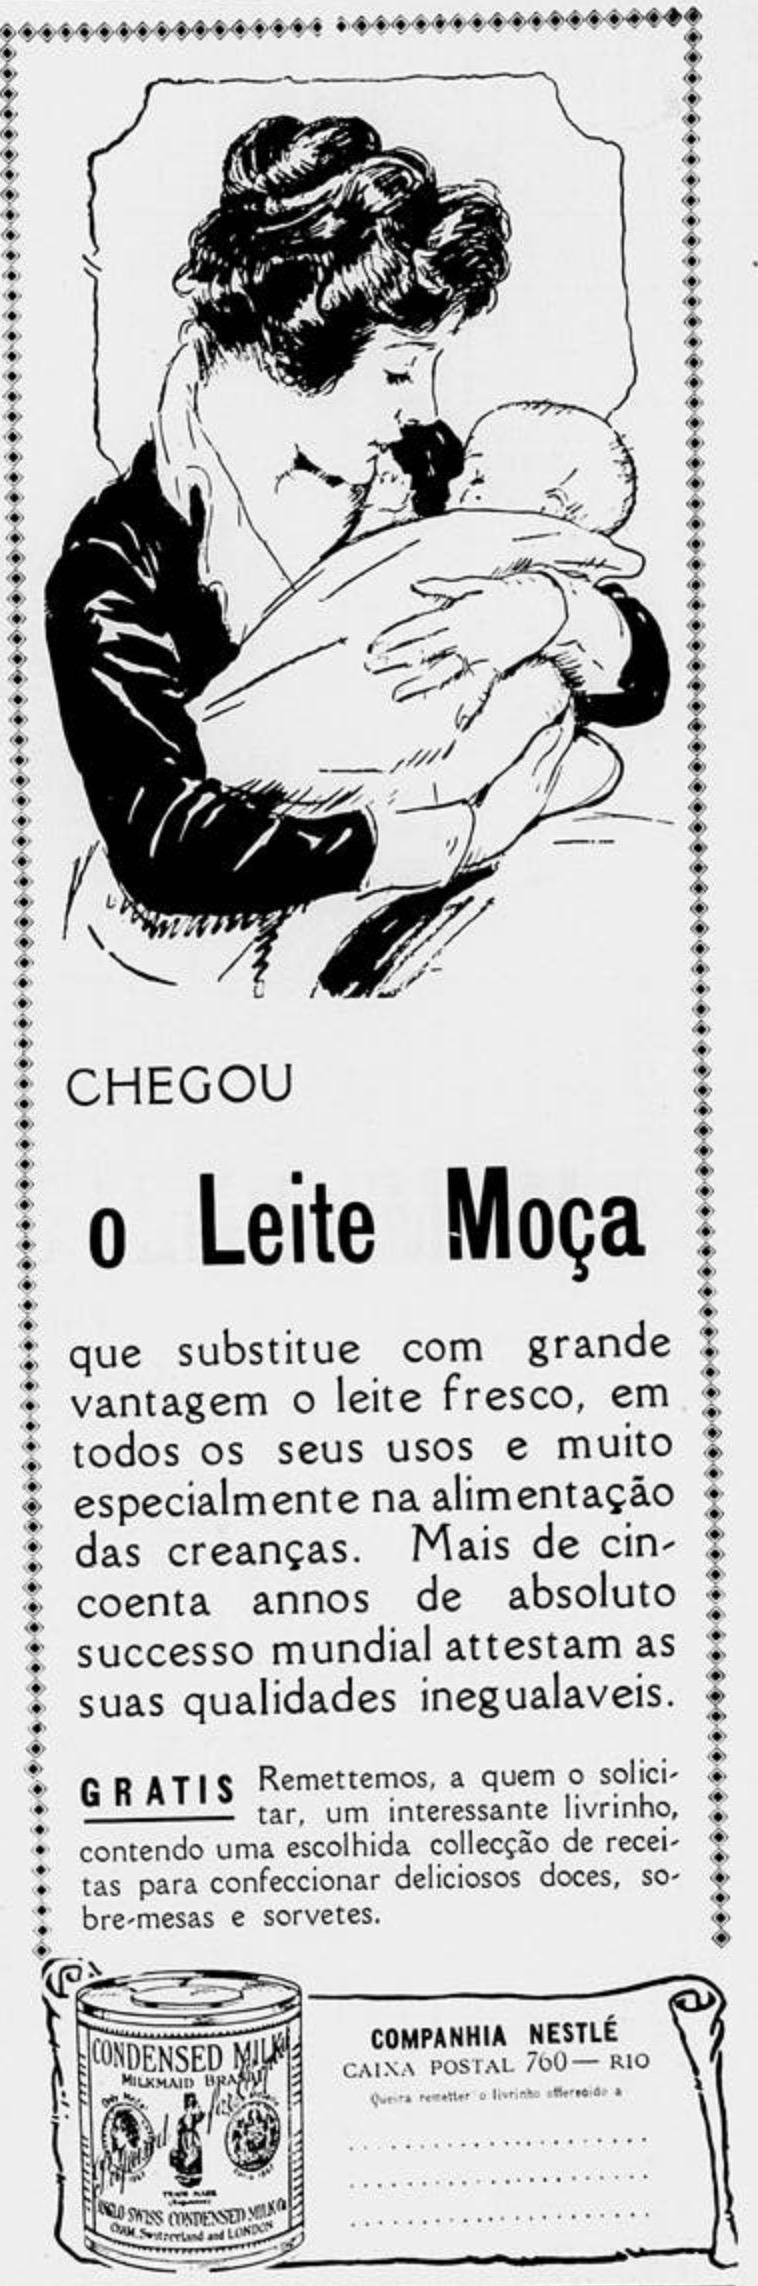 Propaganda de lançamento do Leite Moça no mercado brasileiro em 1921